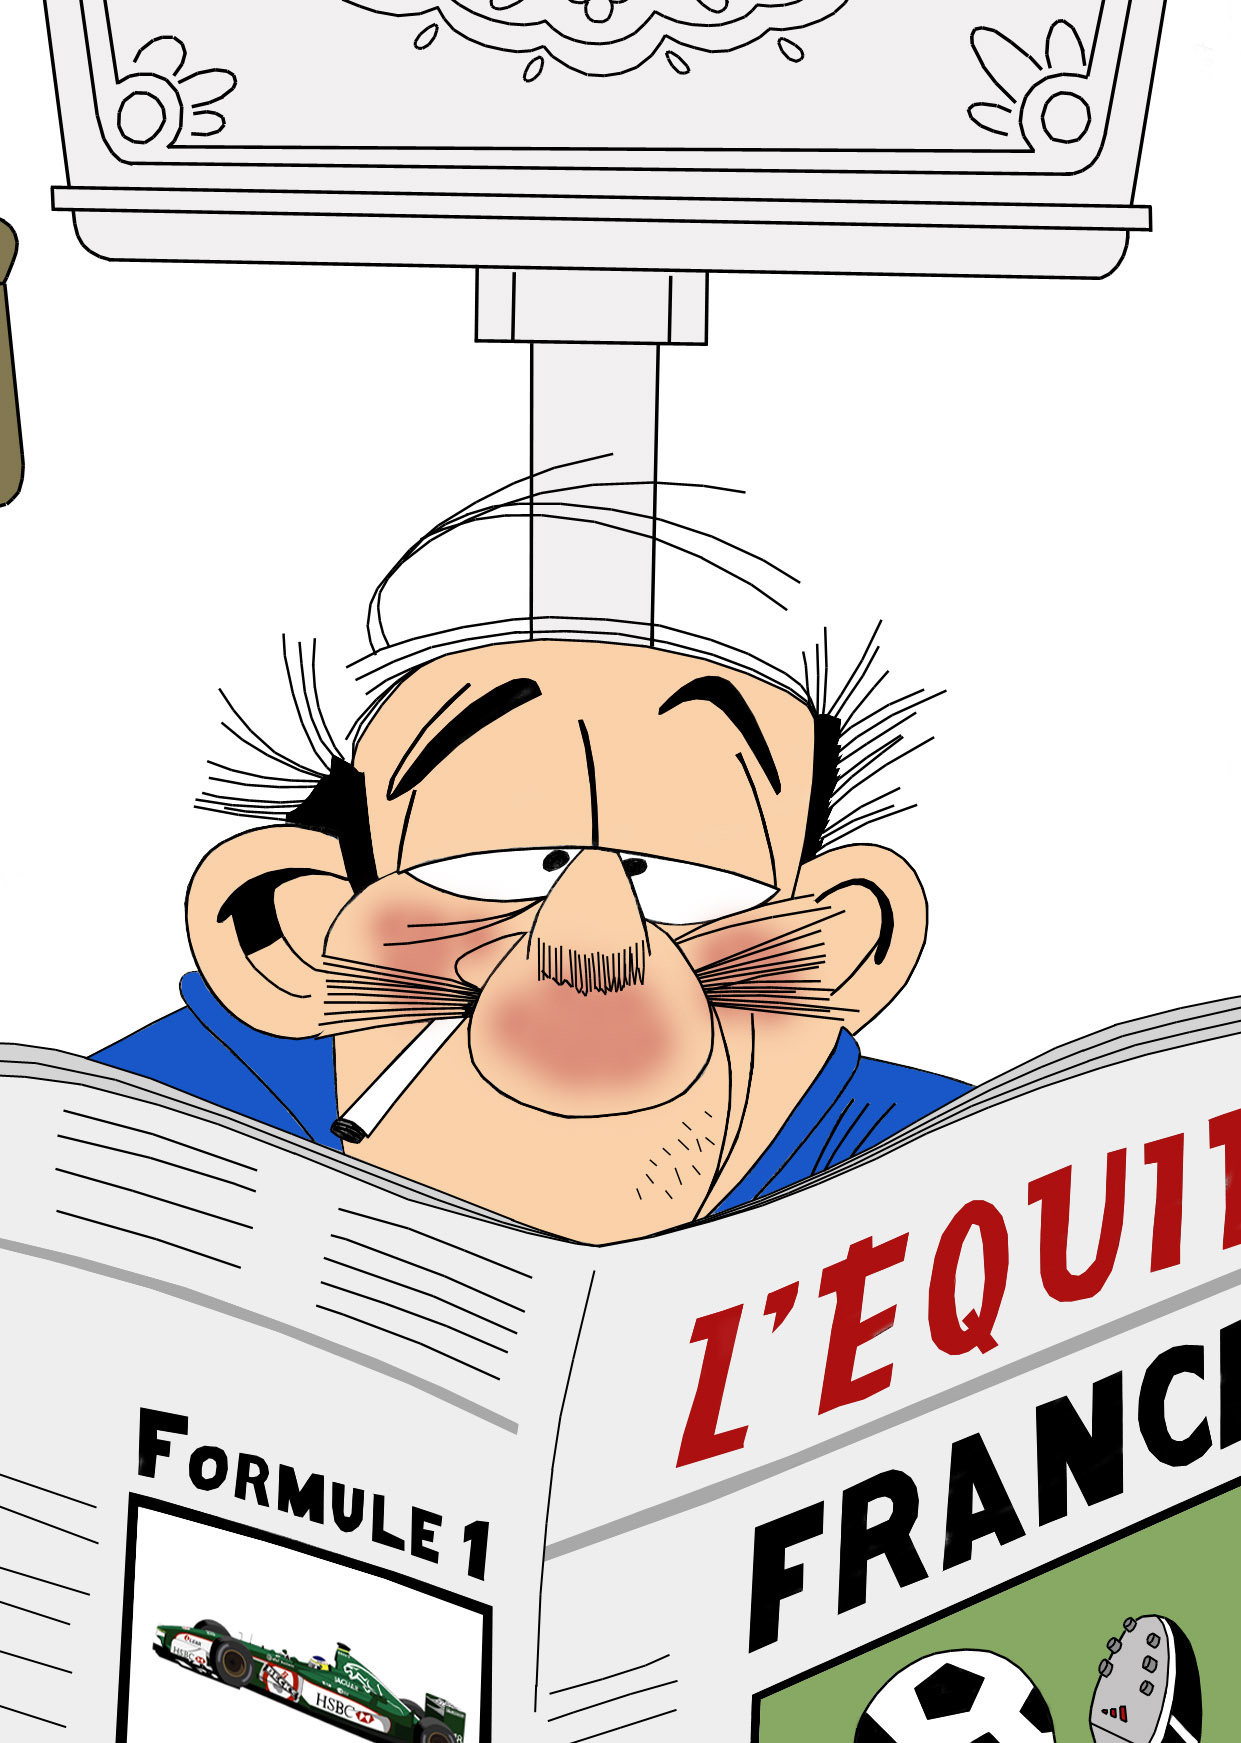 Dessin Le petit Spirou 2 couleur de Adrien72140